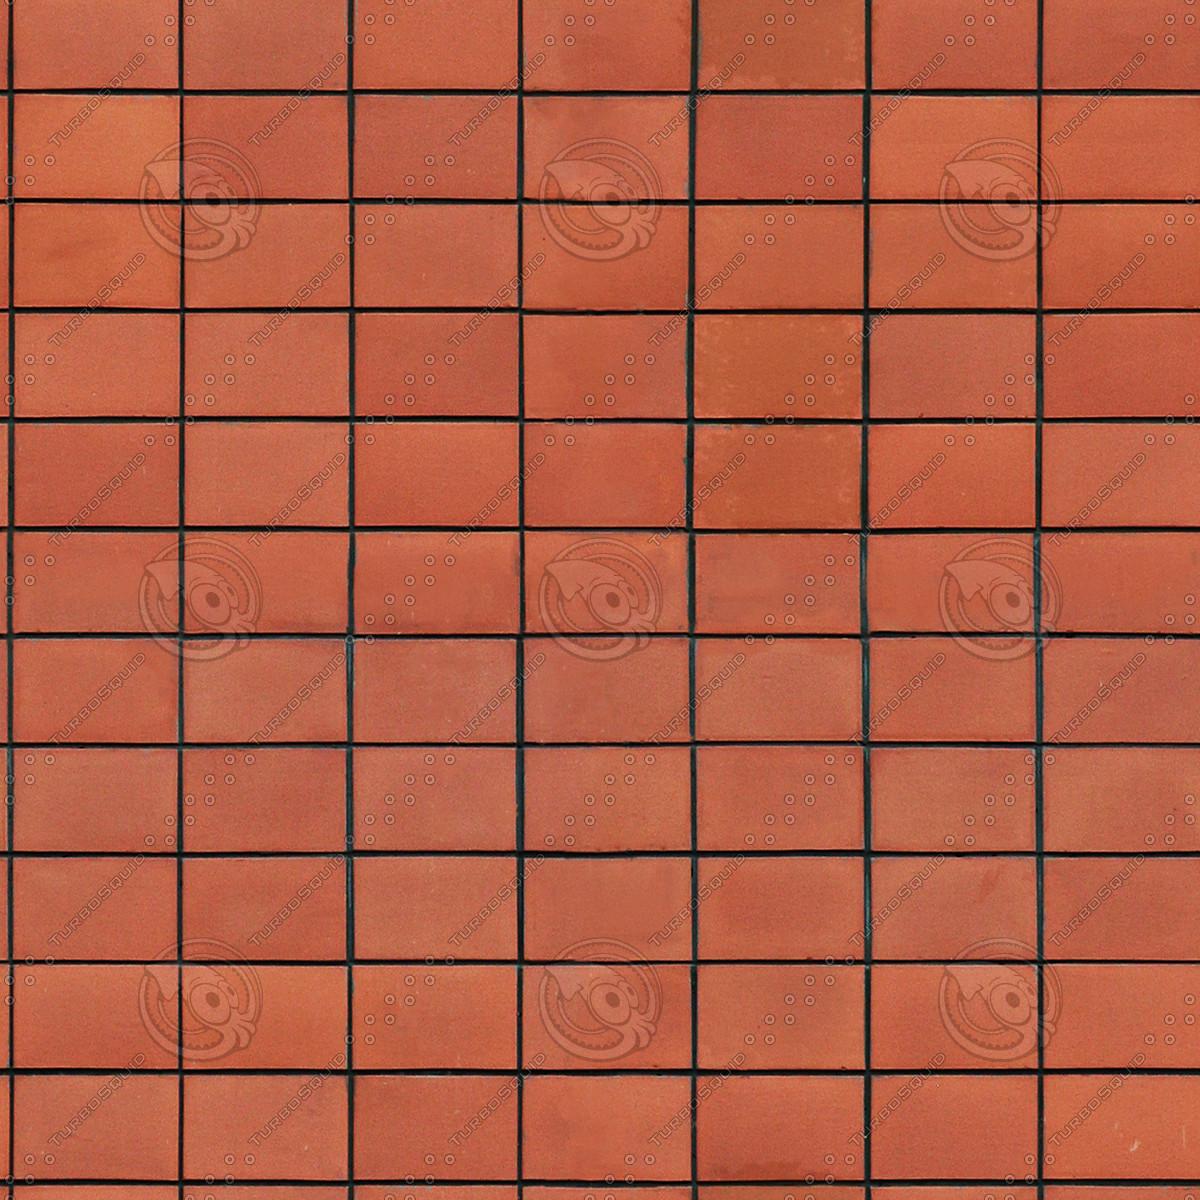 Red floor tile